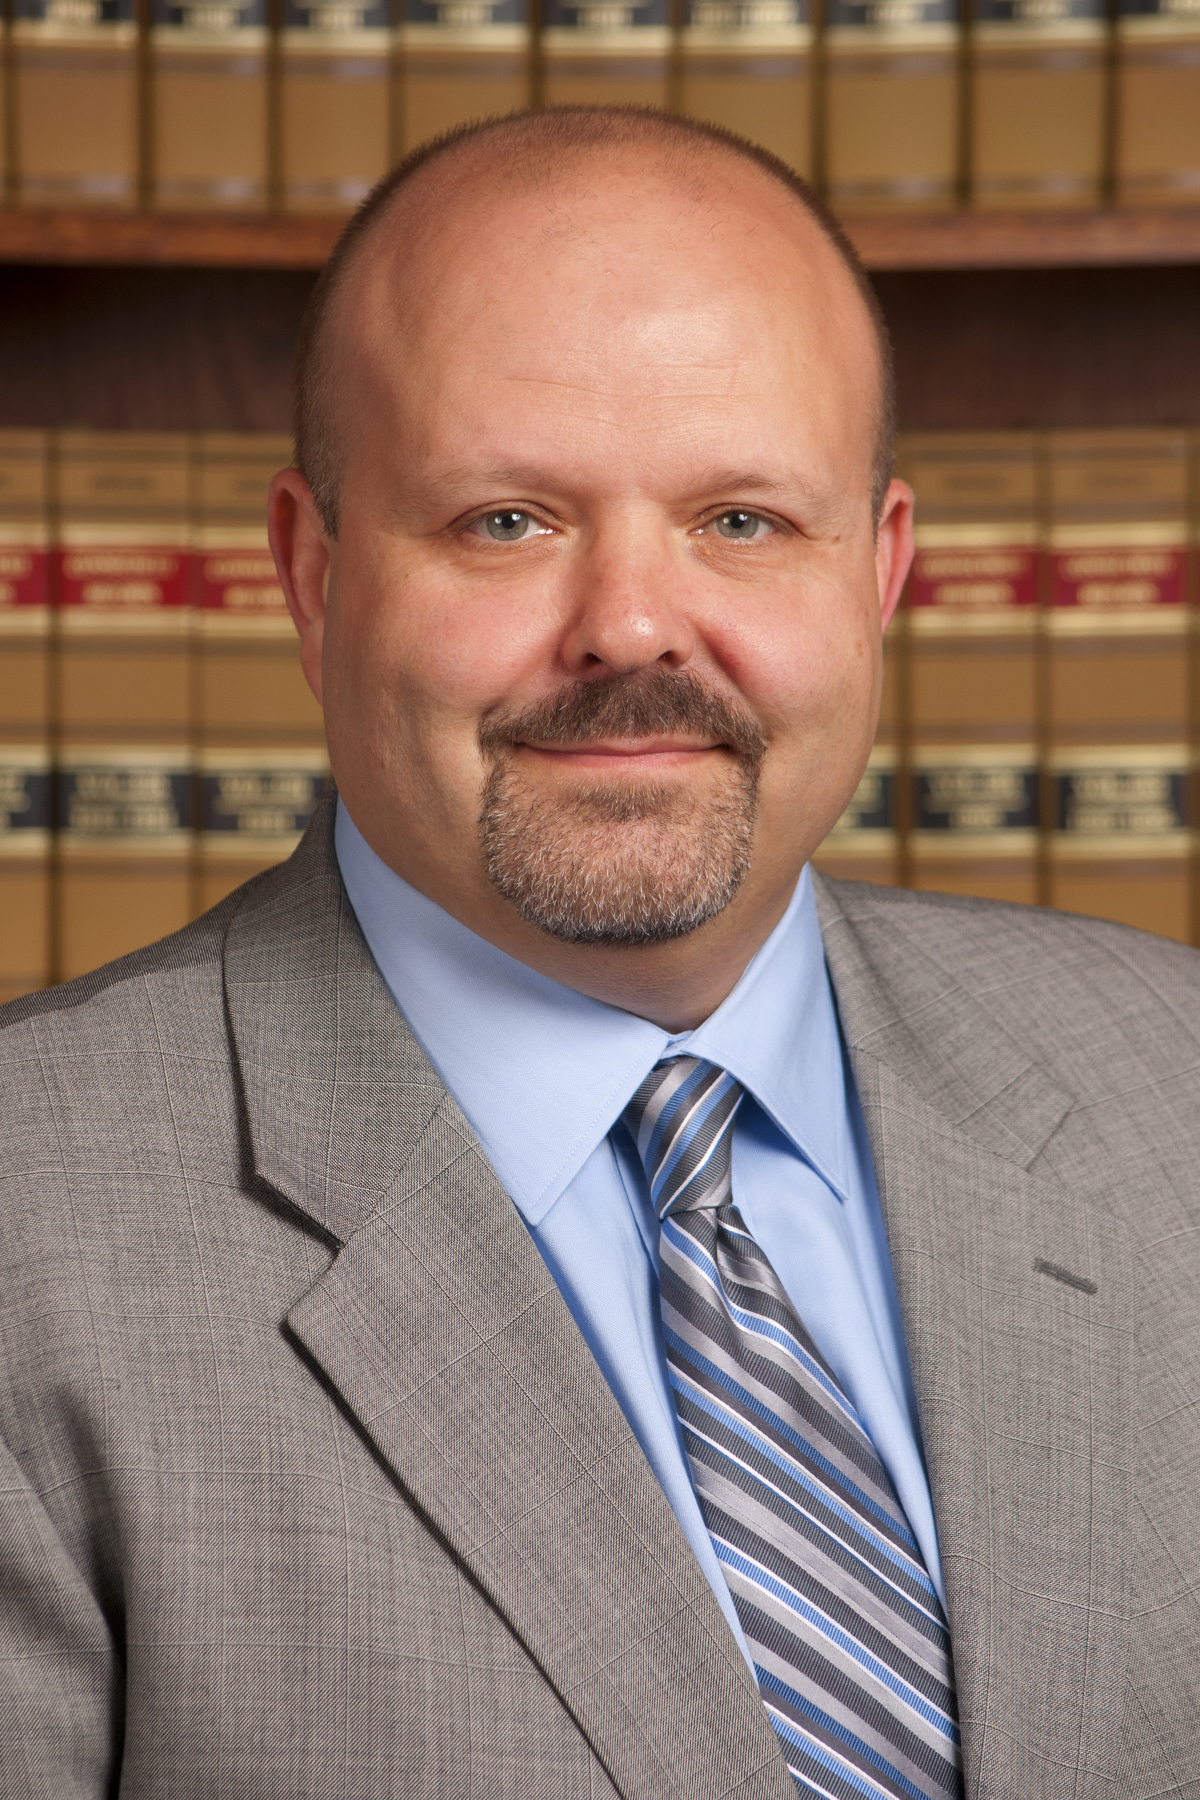 Douglas H. Butler